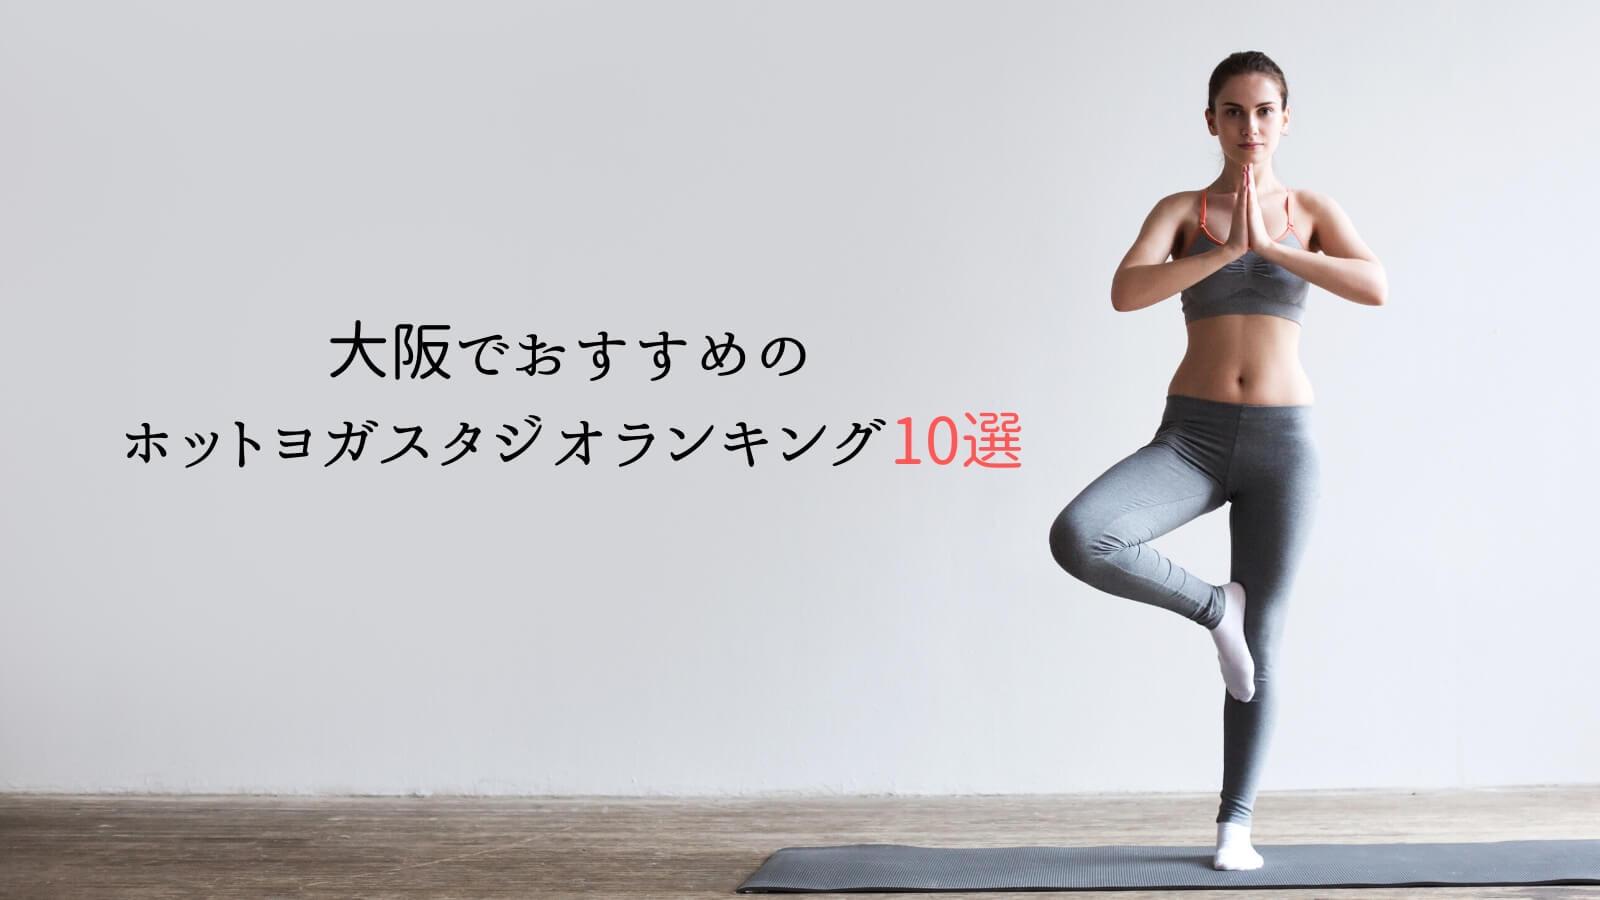 大阪でおすすめのホットヨガスタジオ口コミランキング10選